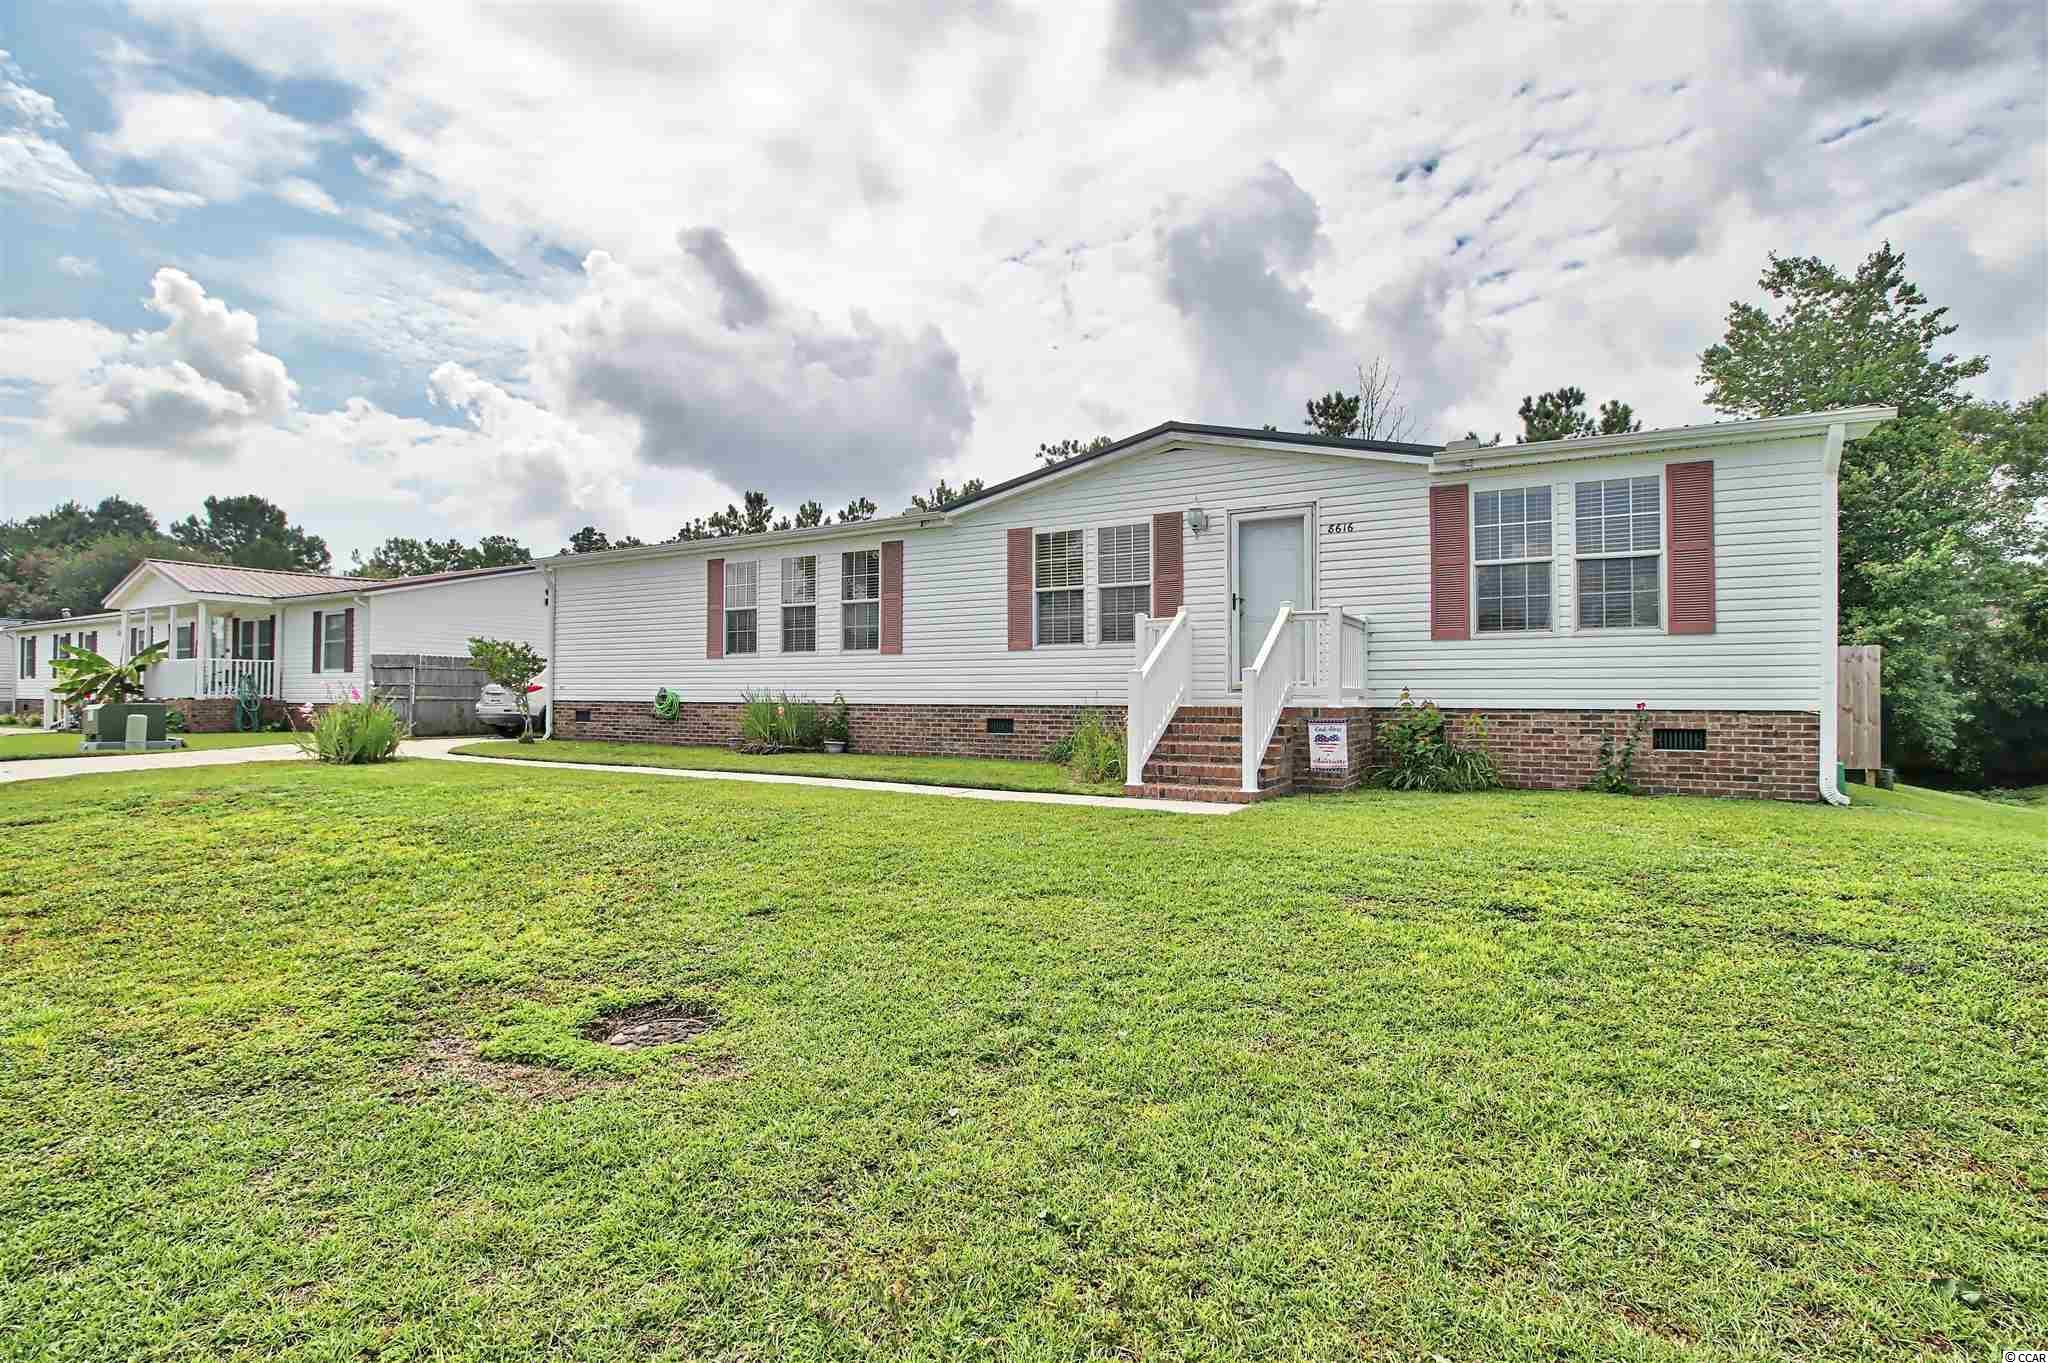 8616 Bragg Dr. Property Photo 1